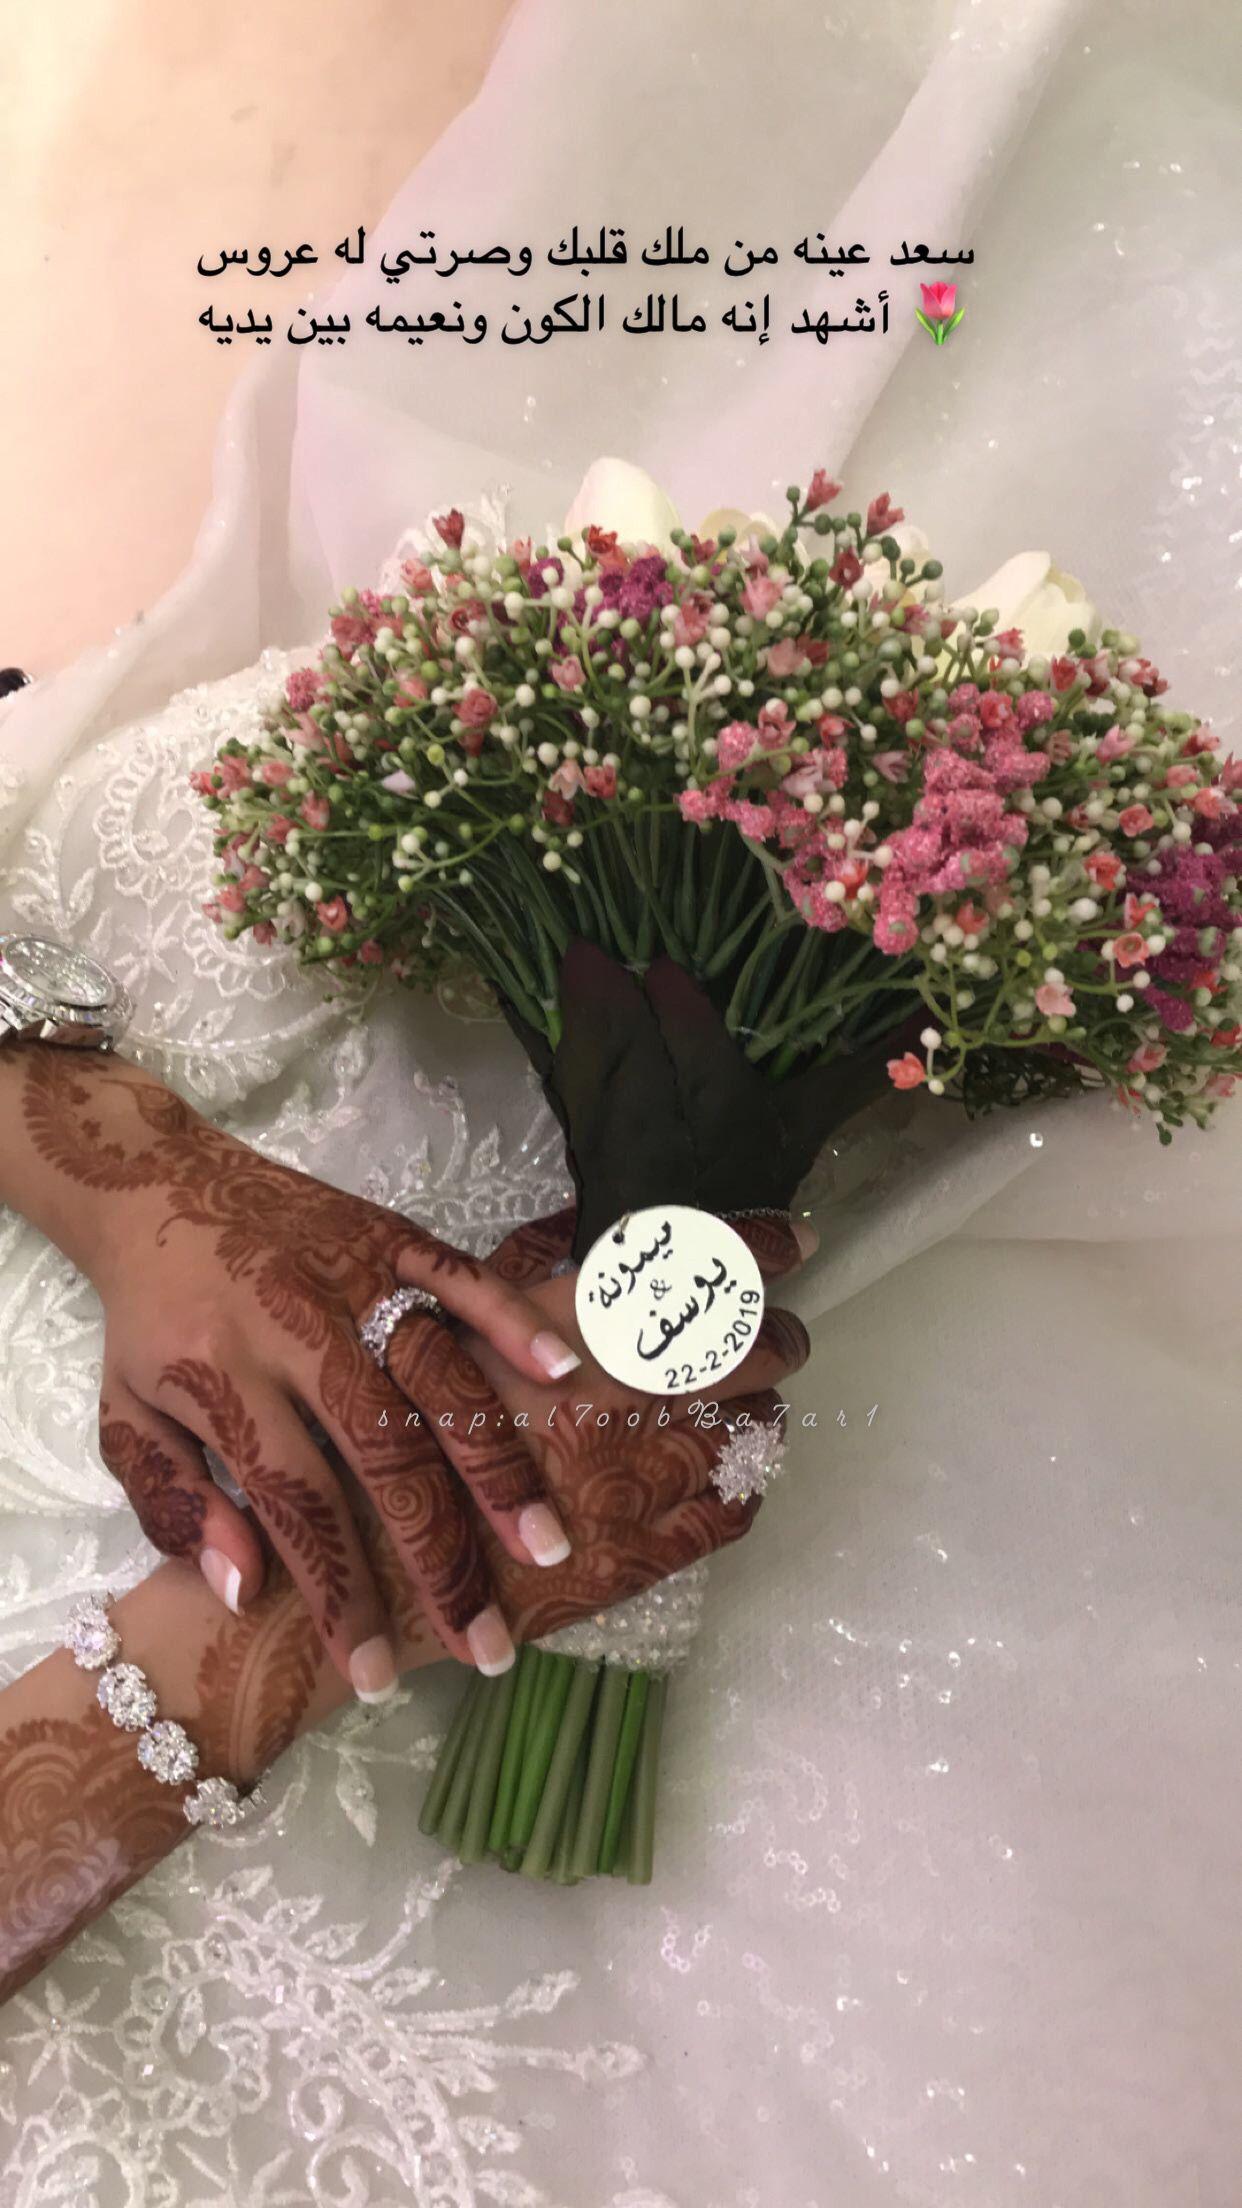 همسة تصويري تصويري سناب تصميمي تصميم ديكور كوشه زواج قاعة ال Vintage Wedding Invitations Templates Wedding Logo Design Wedding Backdrop Decorations